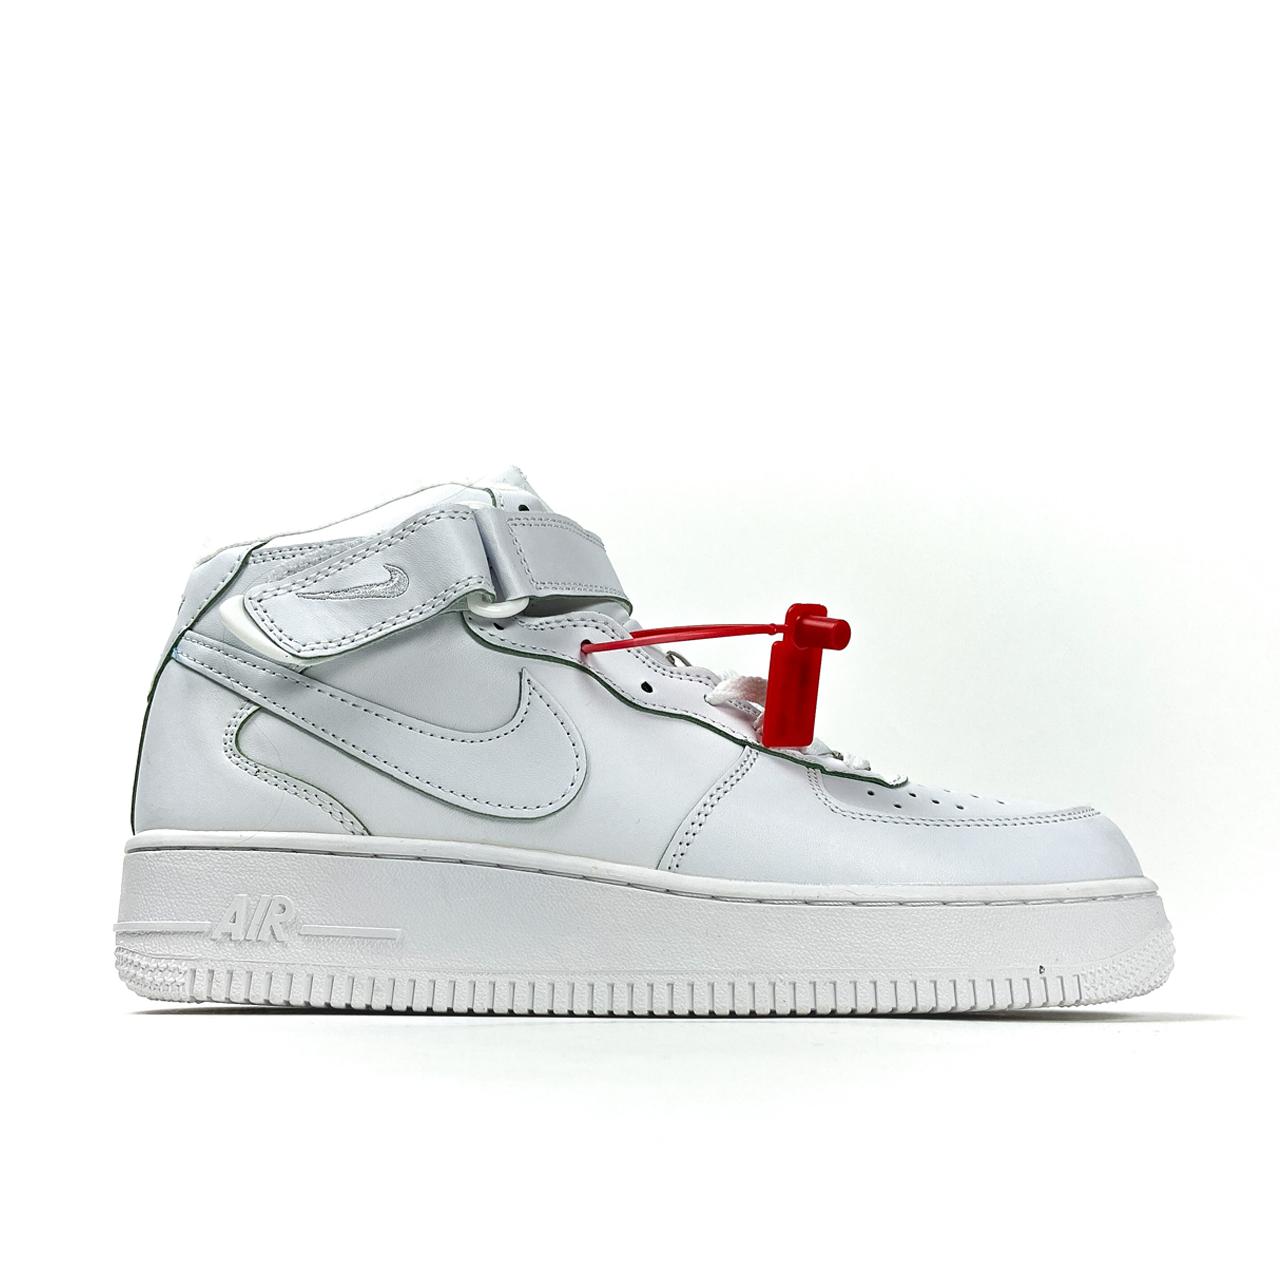 Nike Air Force 1 High White (Мех) (Белый)